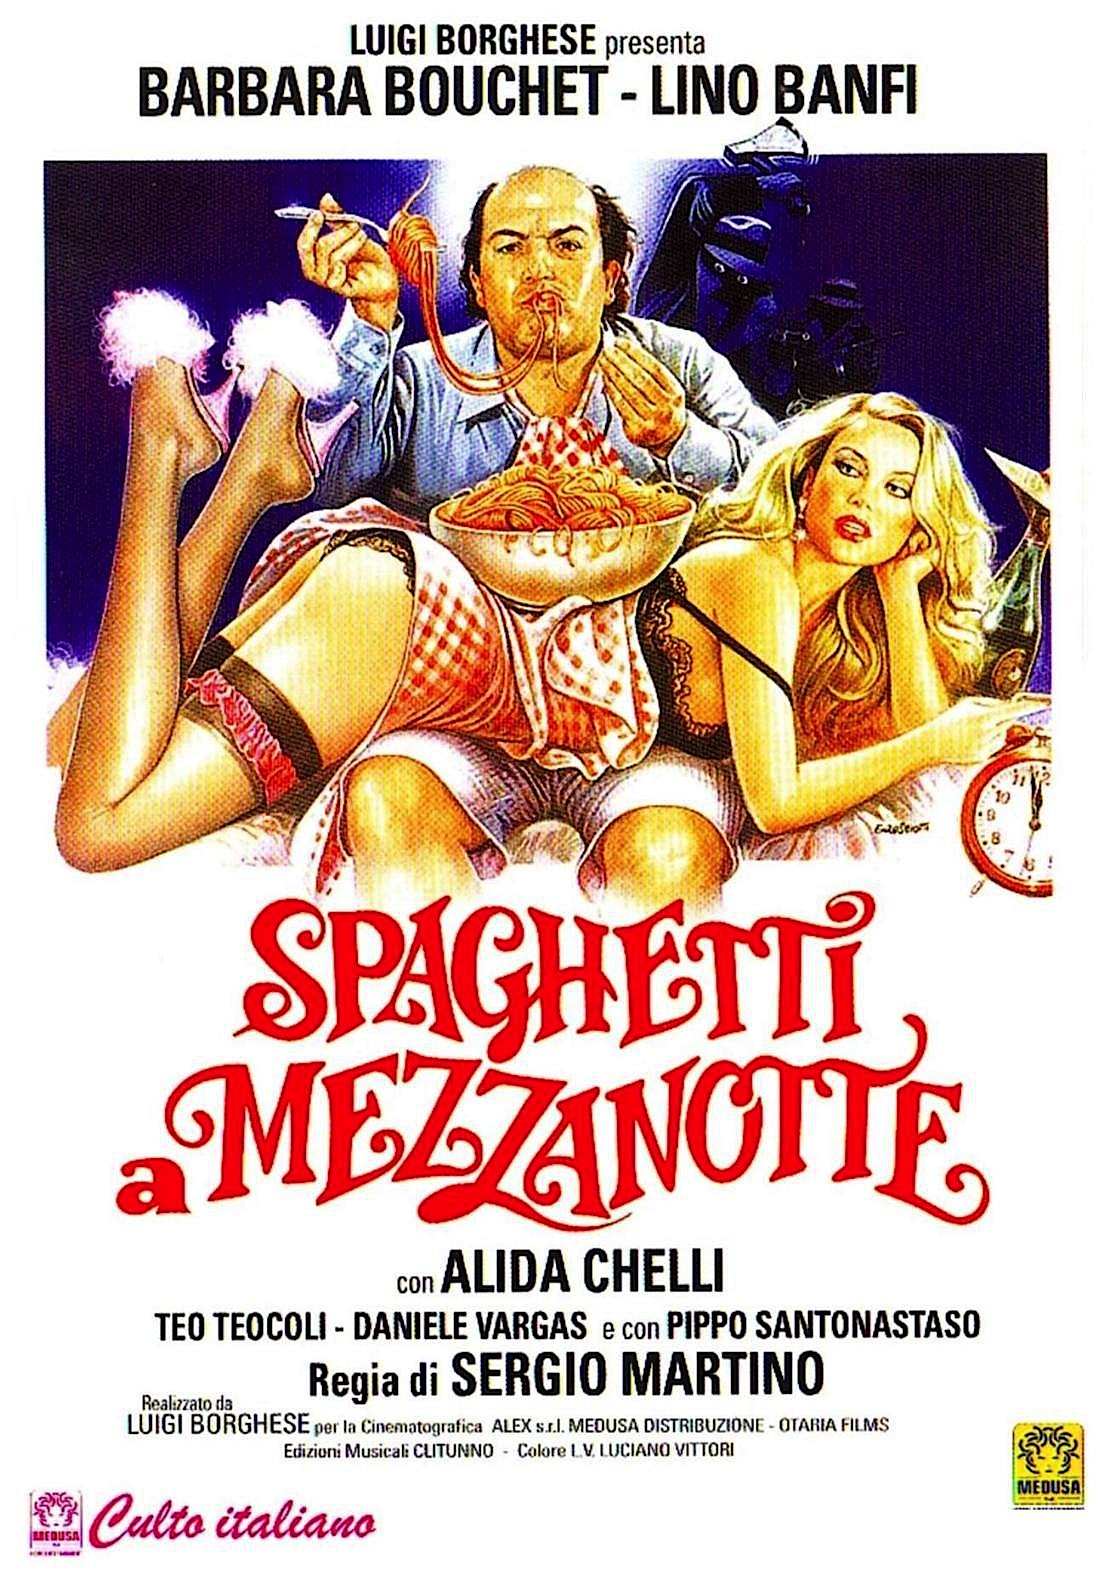 Lino_banfi_locandina_Spaghetti-a-mezzanotte-cover-locandina